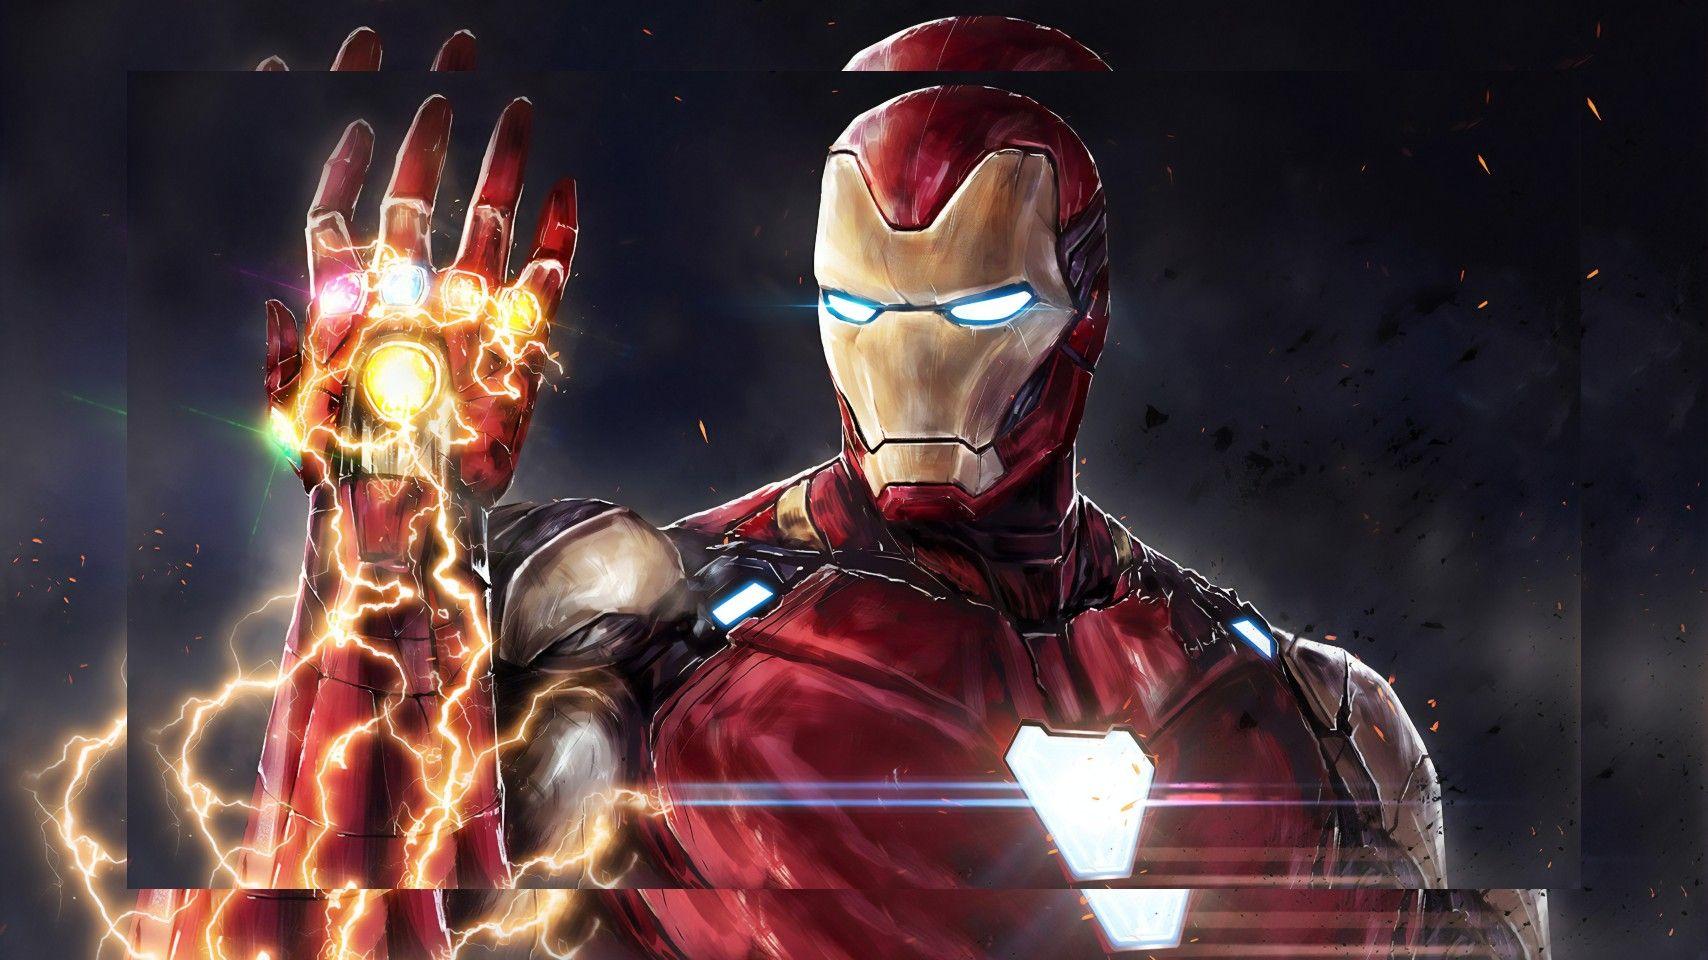 Iron Man Suit Tont Stark Suite Avengers Endgame Scene Iron Man Wallpaper Iron Man Poster Iron Man Wallpaper Hd